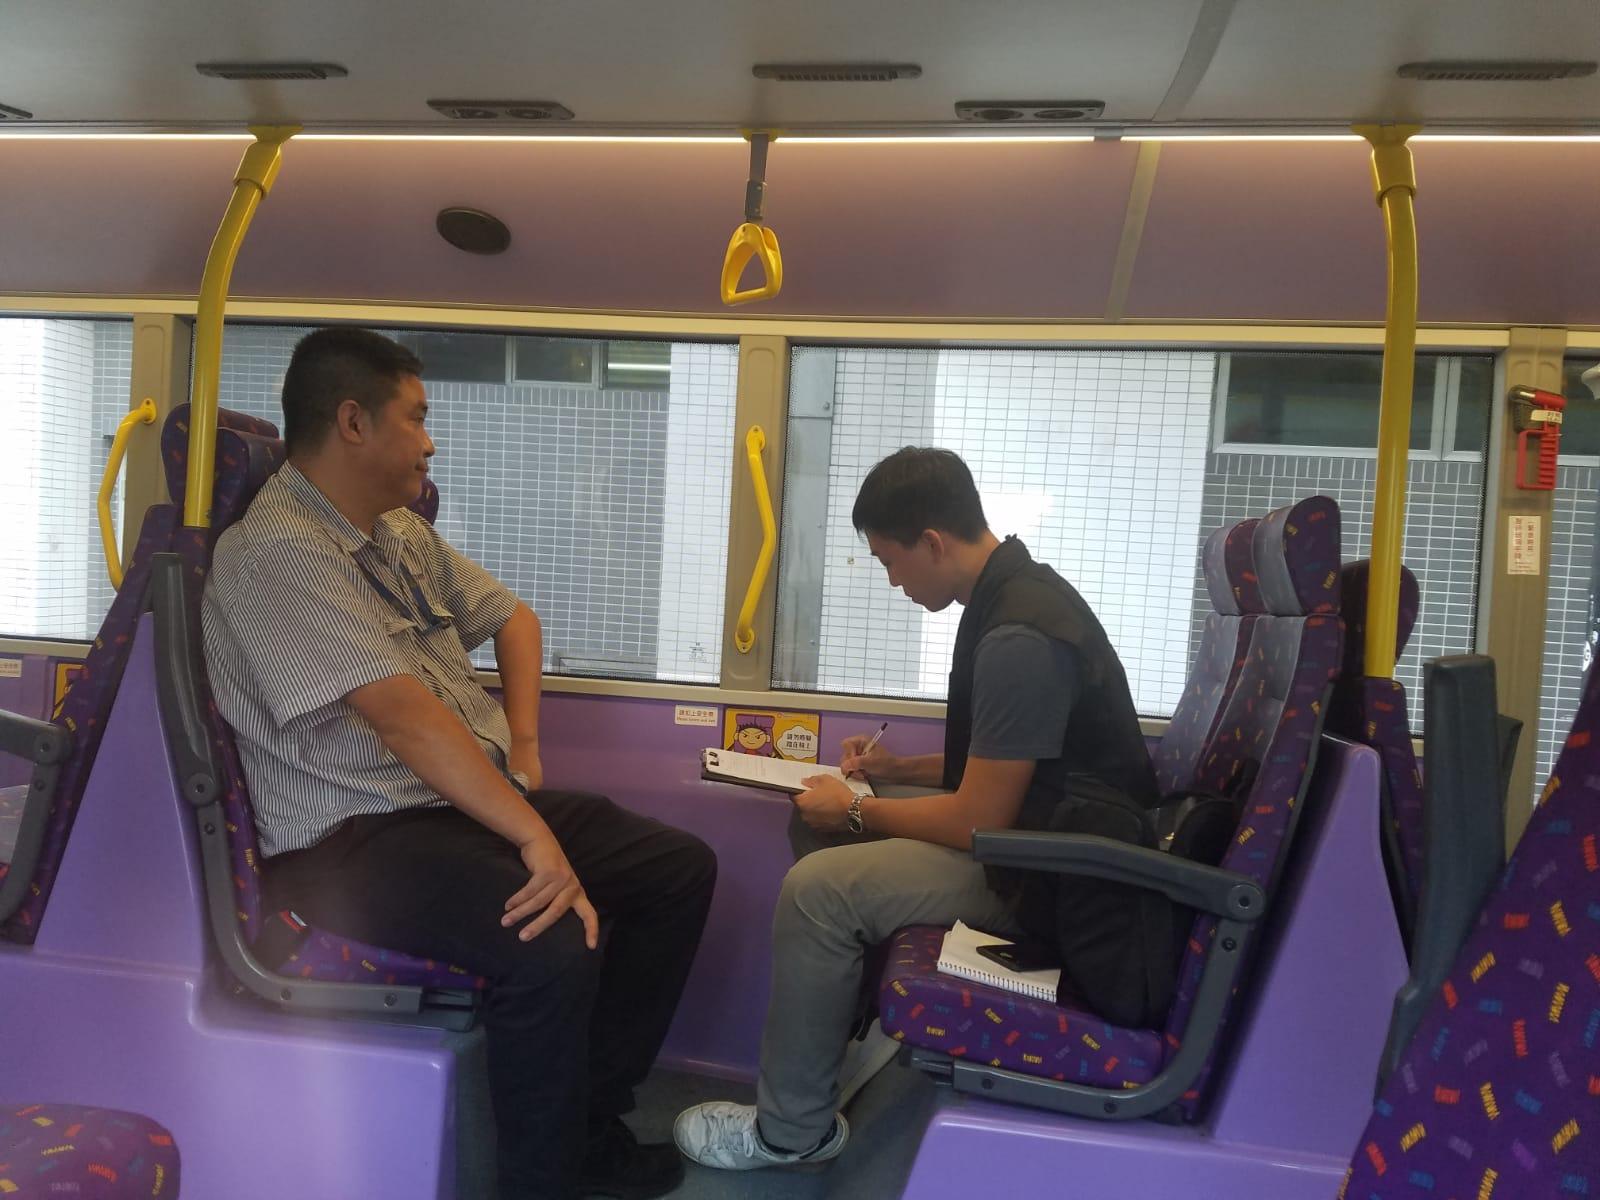 有乘客在城巴20號線下層座位發現一個約9厘米長的扣針,通知車長報警。林思明攝